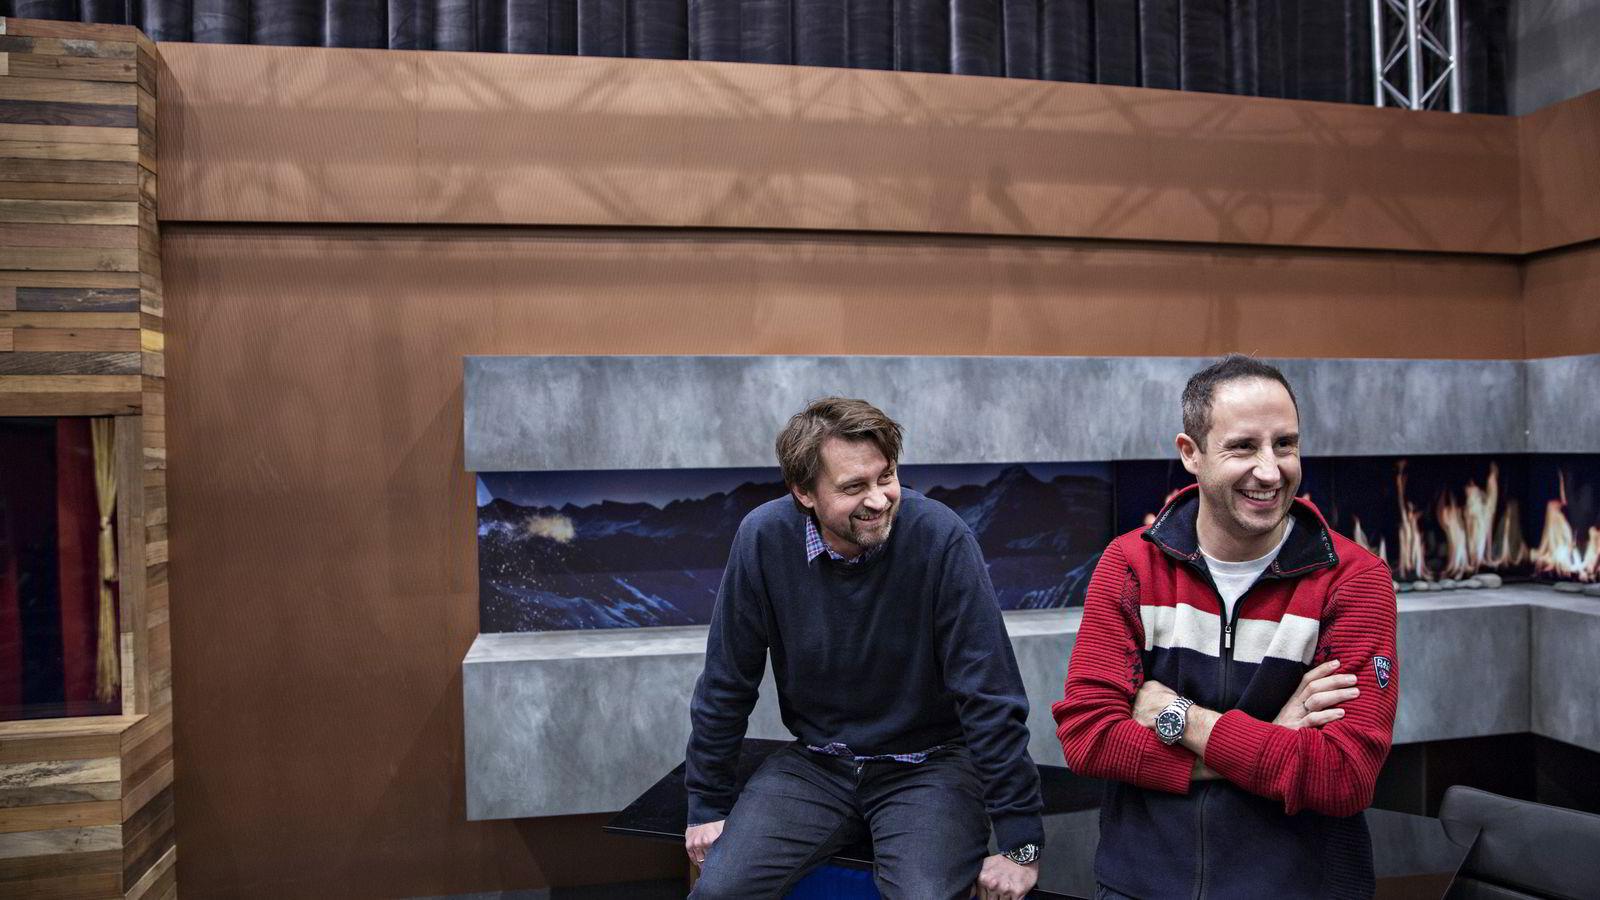 Styreleder Harald Rønneberg og styremedlem Thomas Numme kan glede seg over millionoverskudd i både tv-produksjonsselskapet Plan-B TV og impresarioselskapet plan B. Foto: Aleksander Nordahl